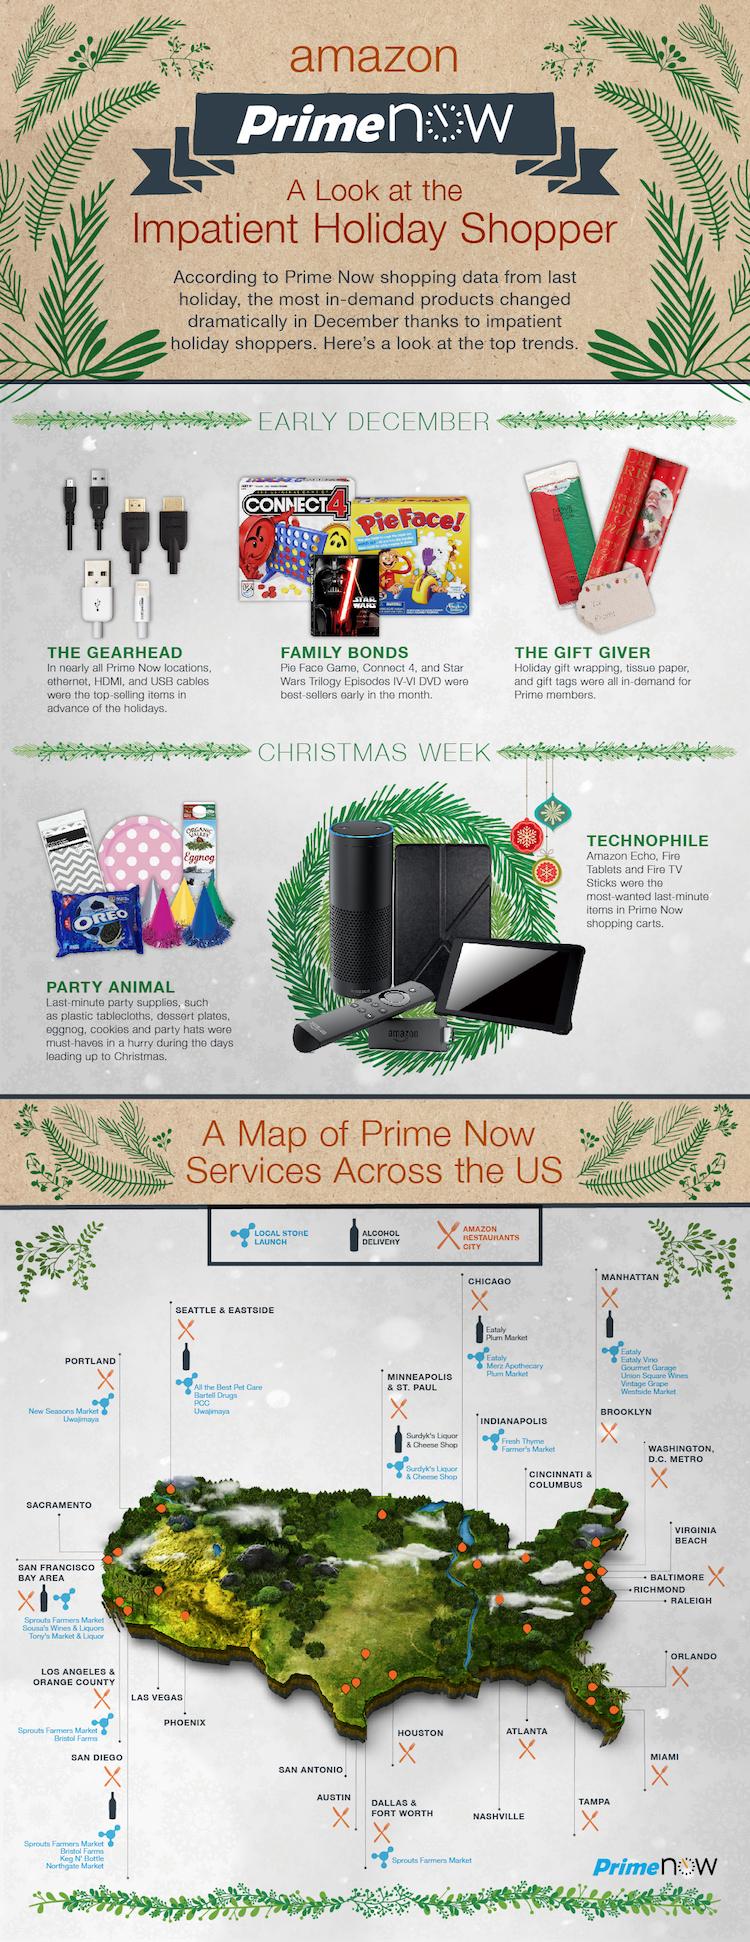 amazon-prime-now-infographic2